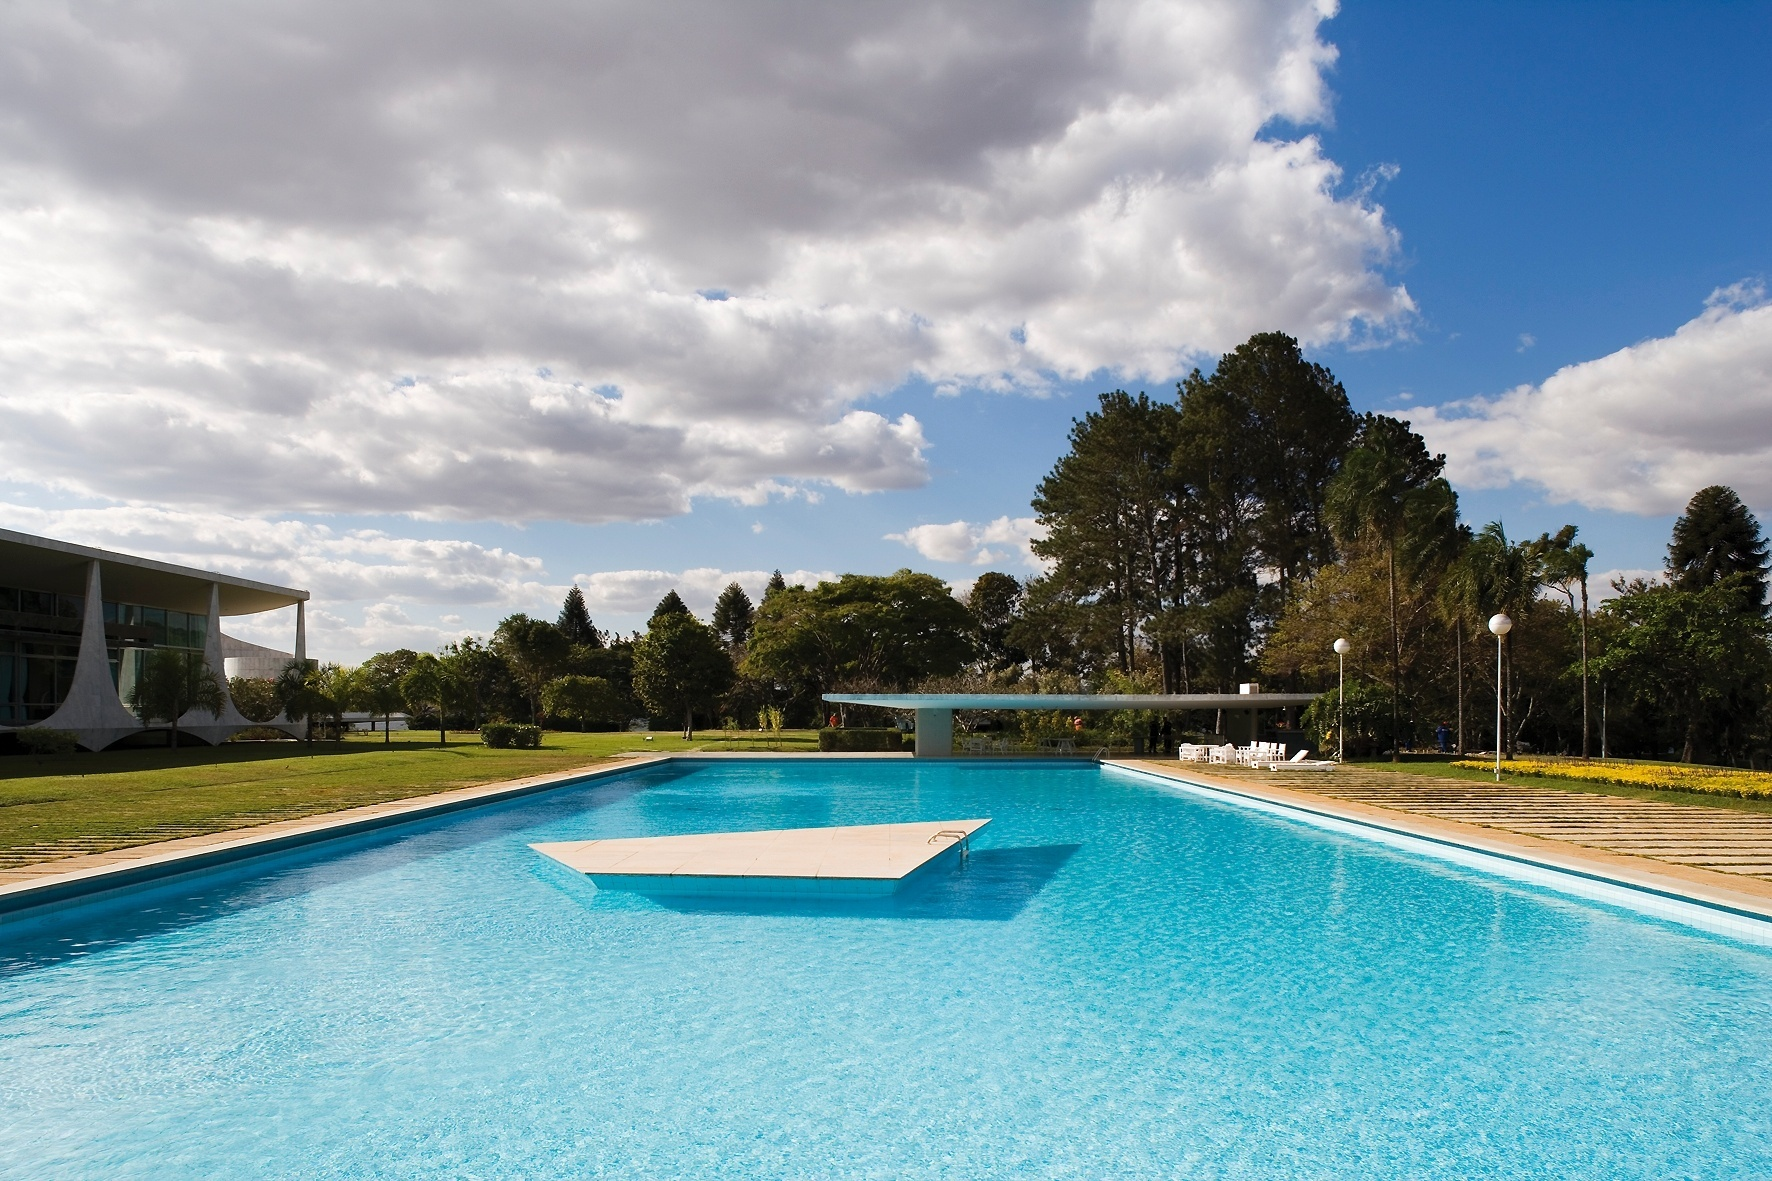 Os amplos jardins da parte posterior do Palácio da Alvorada, projetado pelo arquiteto Oscar Niemeyer, cederam espaço - em parte - para a grande piscina